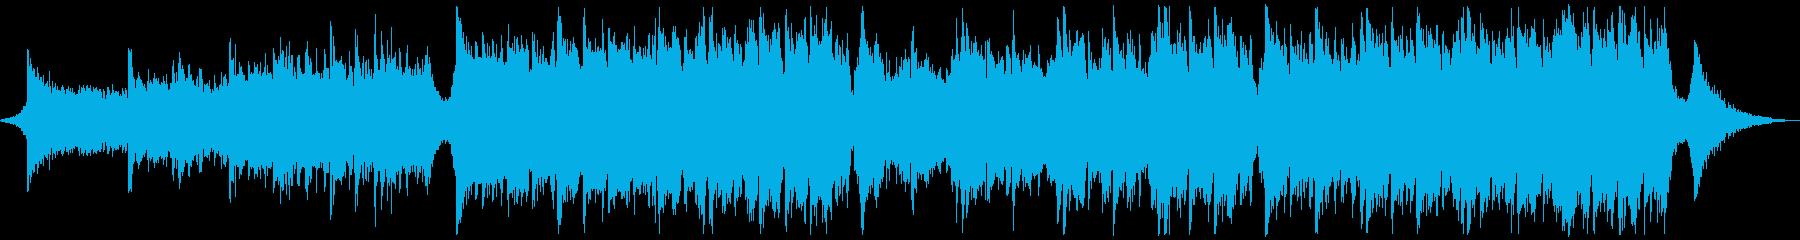 勝利と栄光のオーケストラ x1回の再生済みの波形